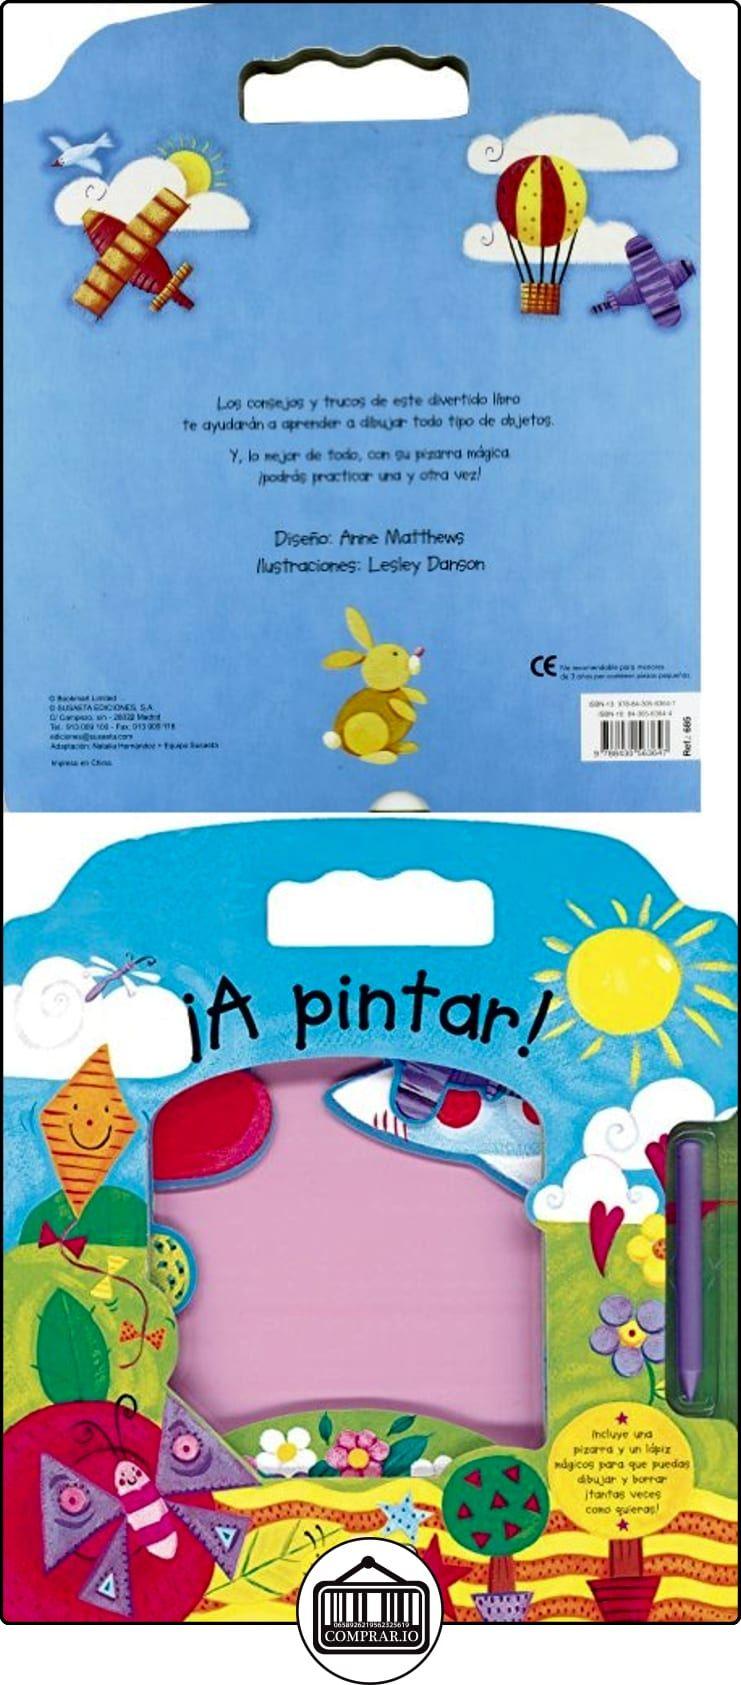 A pintar Equipo Susaeta ✿ Libros infantiles y juveniles - (De 0 a 3 años) ✿